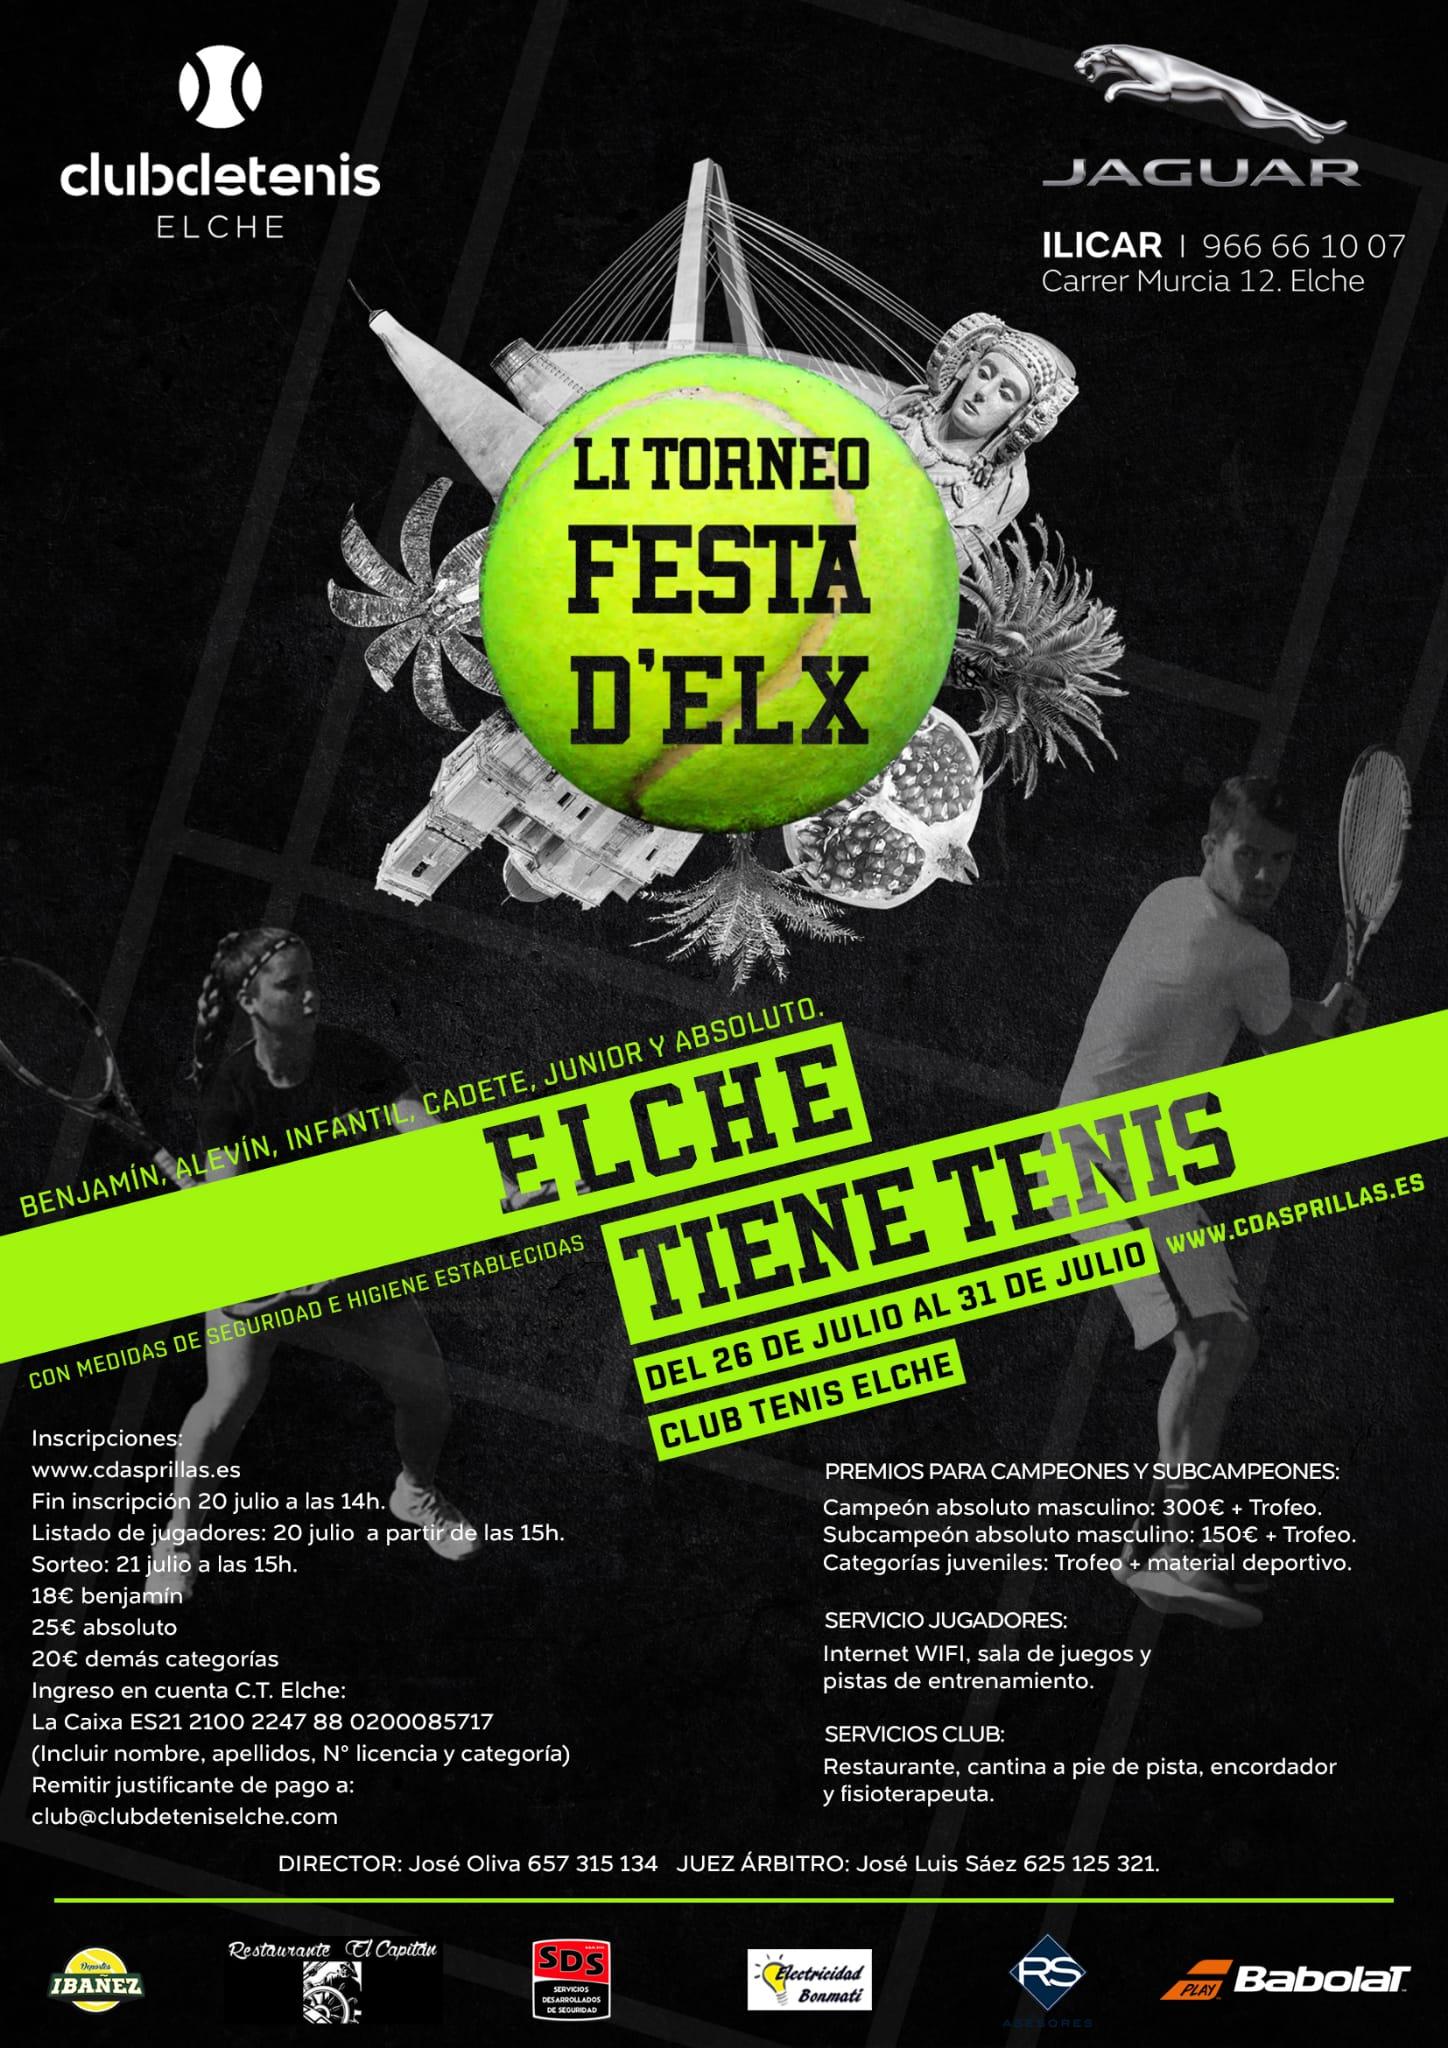 LI TORNEO TENIS FESTA D'ELX